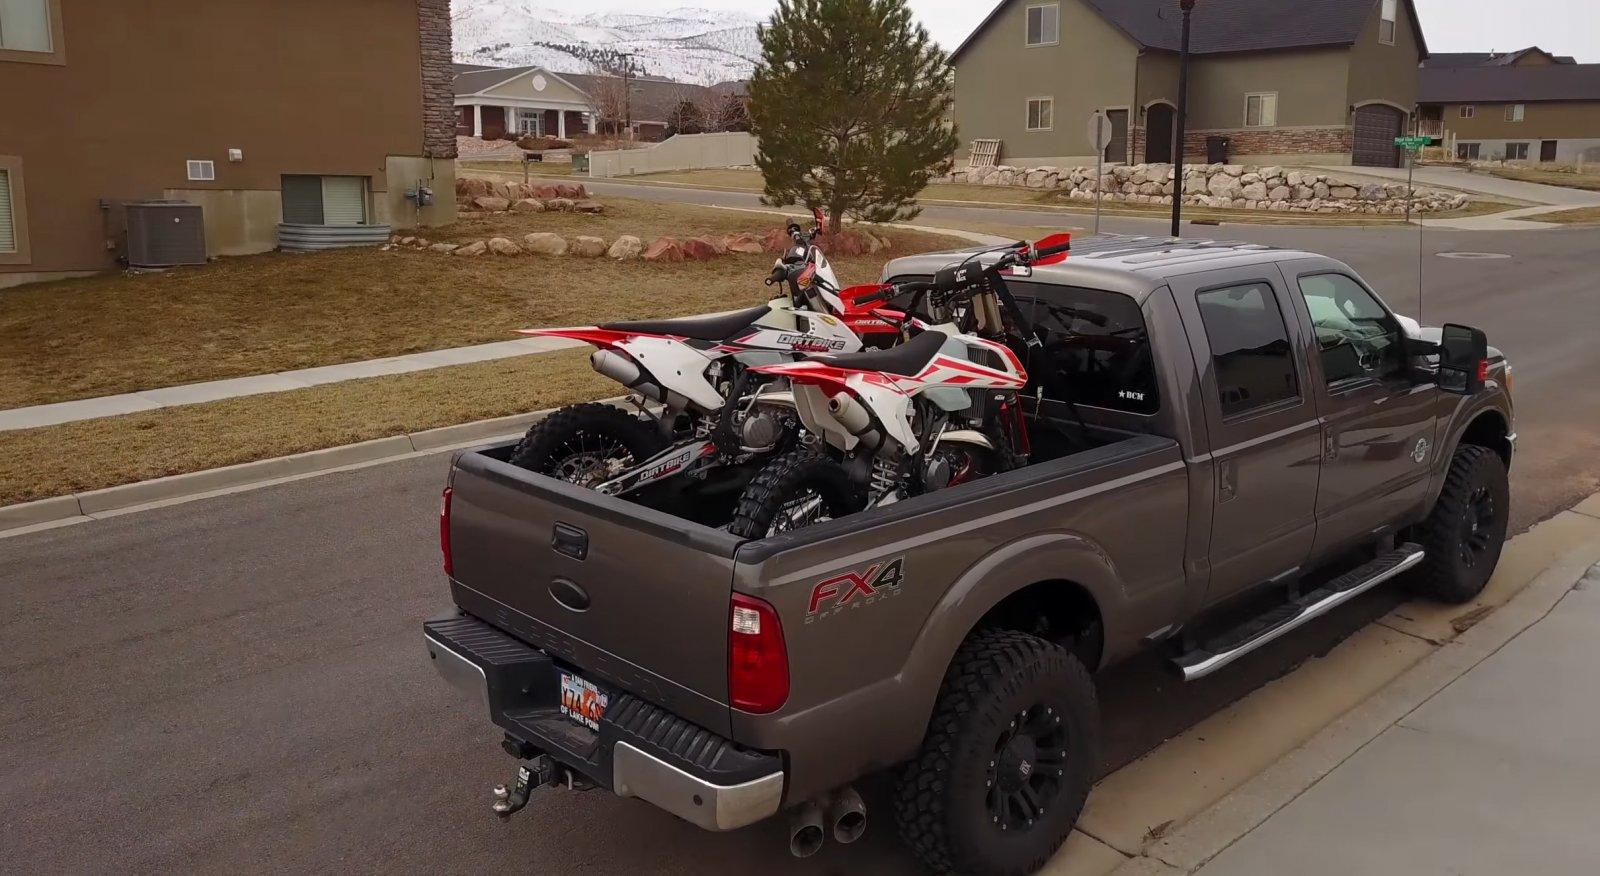 F250 SuperDuty Short Box 2 Motorcycles 00.jpg